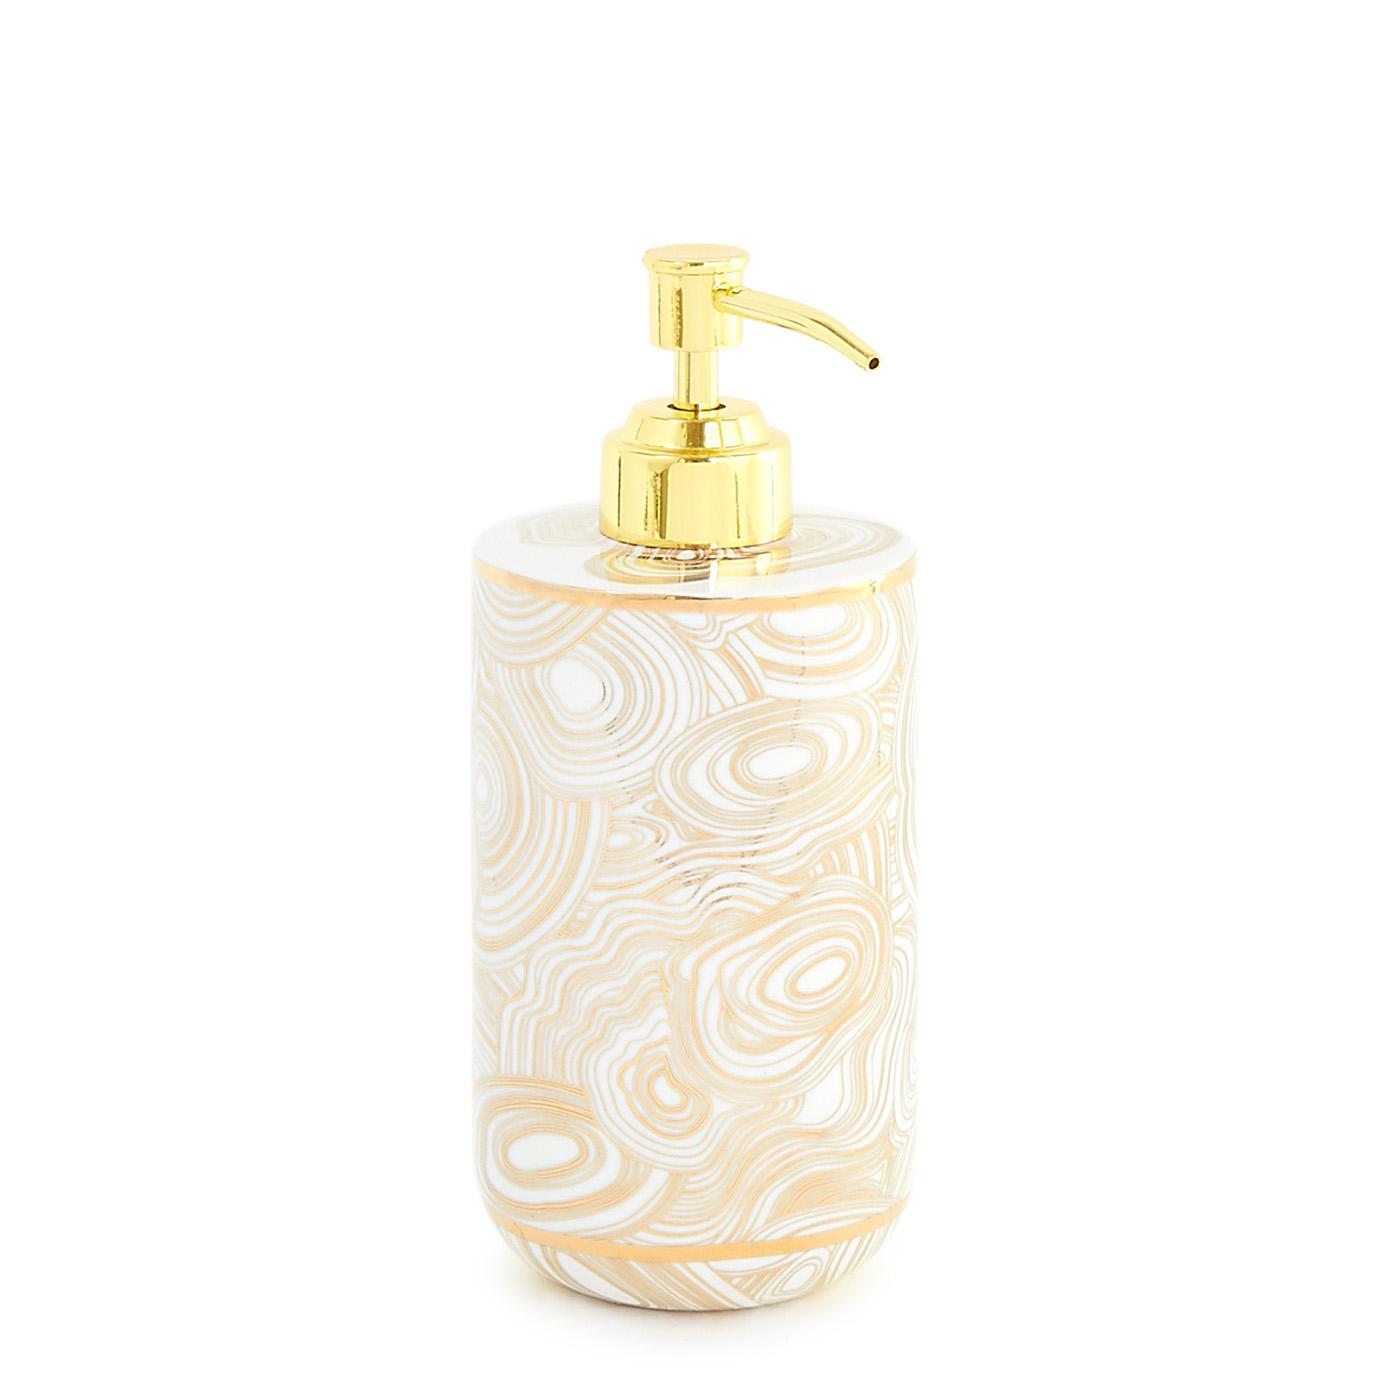 Gold Colored Bath Decor Ideas